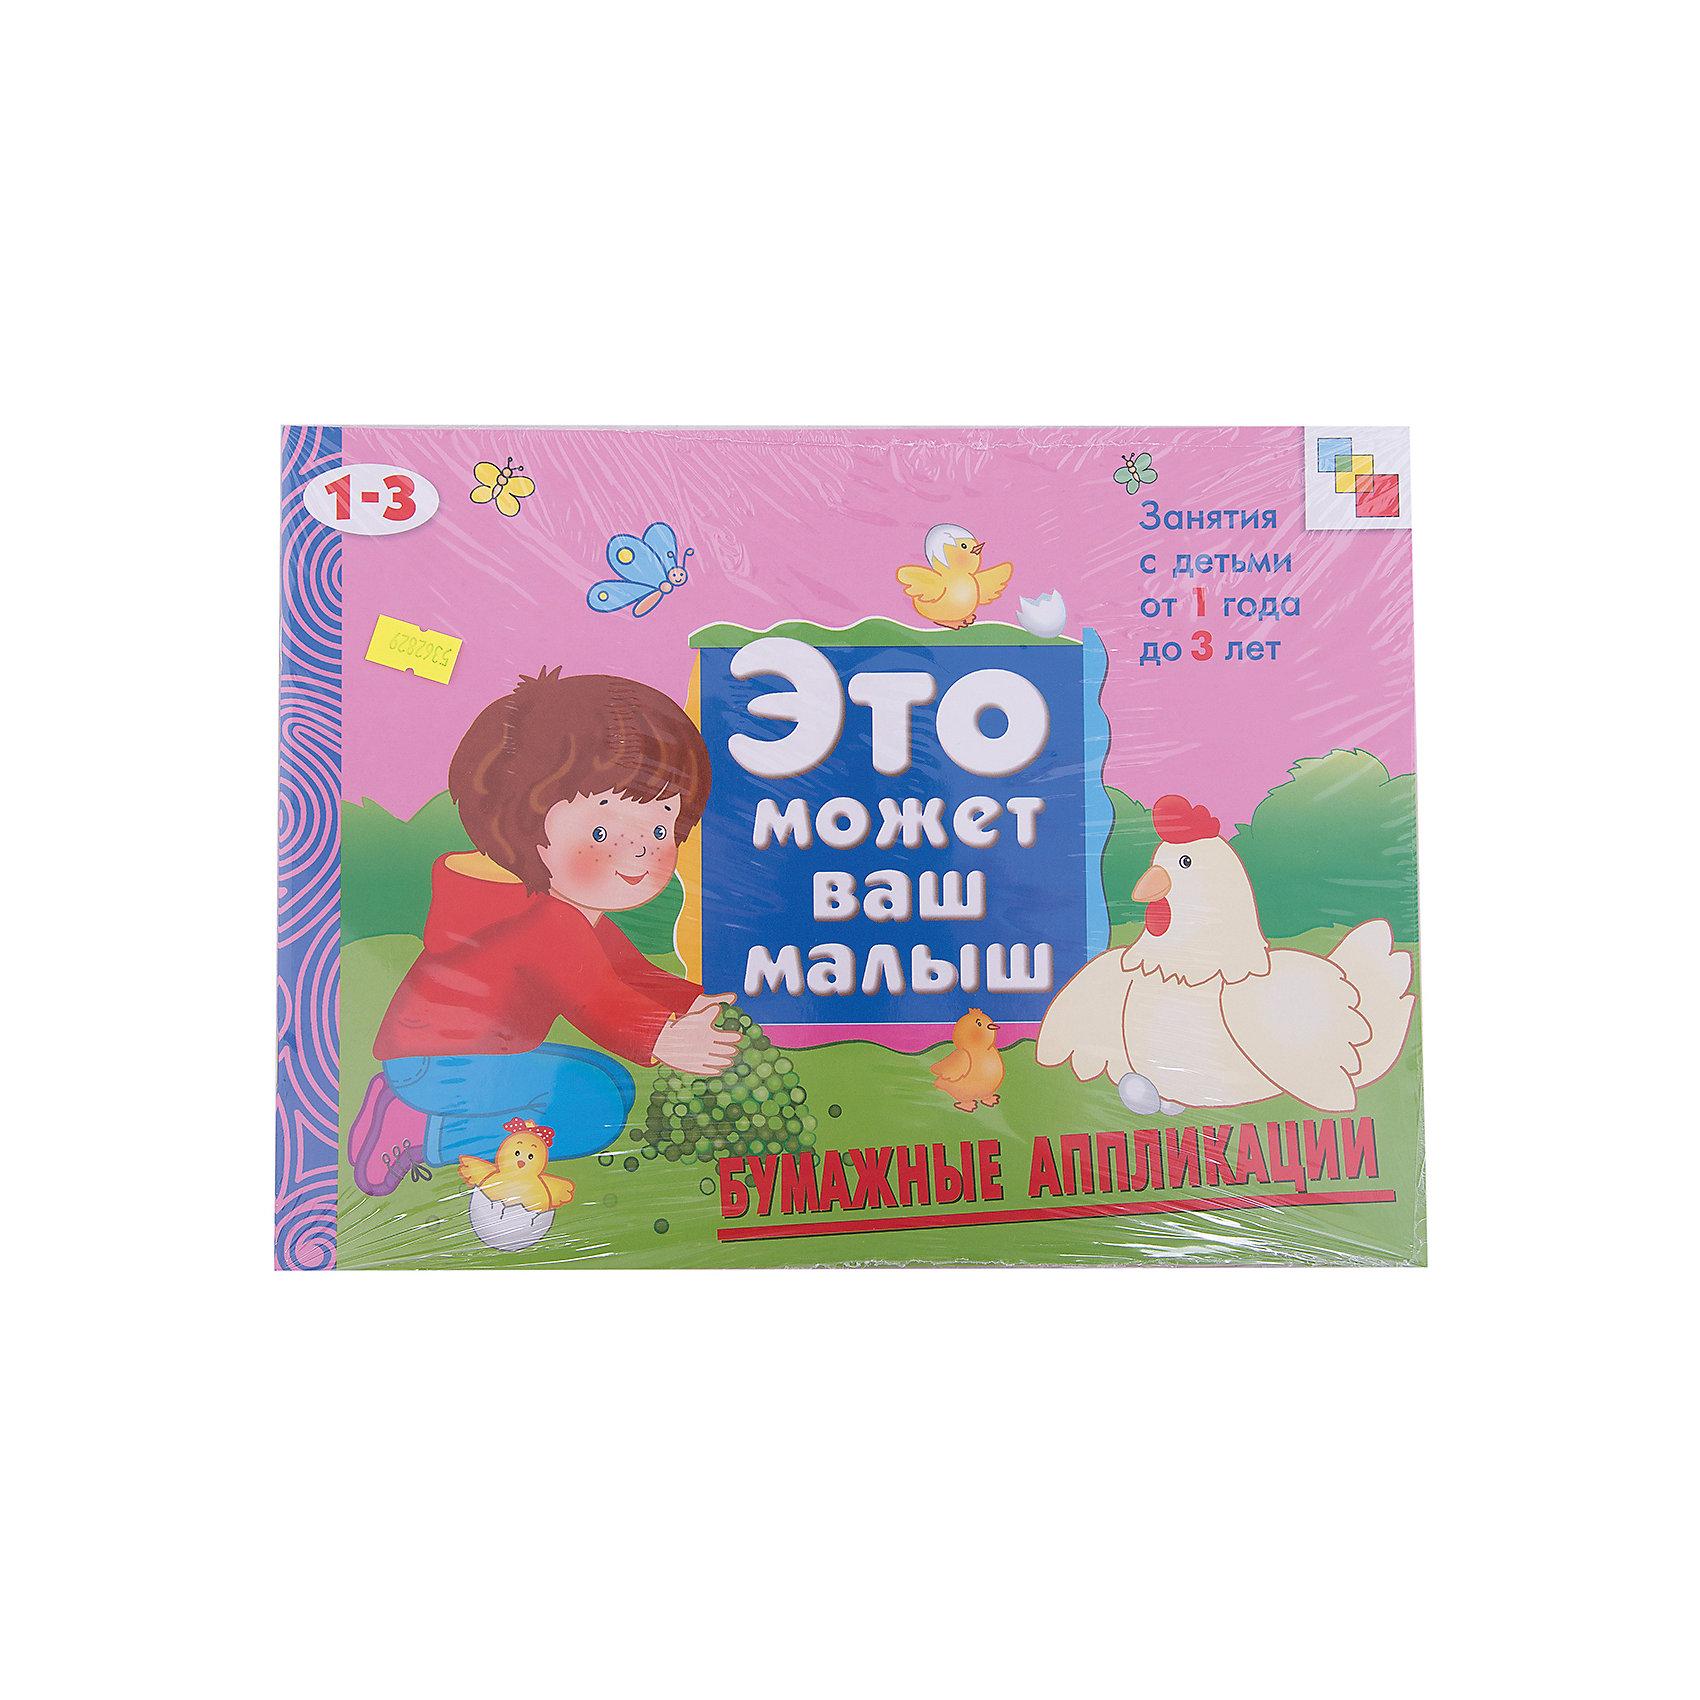 Бумажные аппликации, Это может Ваш малышМозаика-Синтез<br>Характеристики бумажных аппликации, Это может Ваш малыш:<br><br>• возраст: до 3 лет<br>• пол: для мальчиков и девочек<br>• количество страниц: 16.<br>• размер книги: 21 х 29 см.<br>• тип обложки: мягкий.<br>• иллюстрации: цветные<br>• бренд: Мозаика-Синтез<br>• страна обладатель бренда: Россия.<br><br>Книга Бумажные аппликации познакомит малыша с миром творчества из бумаги. Первая часть книги содержит теоретическую часть: цветные картинки со стишками, которые развлекут ребенка и объяснения как подготовиться к работе, какие кусочки бумаги вырезать и каким именно образом, для чего это нужно и что с ними нужно будет сделать. <br><br>На остальных страницах книги напечатаны рисунки, которые потребуется завершить, наклеив аппликации, а также листы, на которых изображены дополнительные рисунки. Вся книга разбита на занятия, как учебник, сложность которых возрастает к концу книги.<br><br>Бумажные аппликации, Это может Ваш малыш торговой марки о Мозаика-Синтез можно купить в нашем интернет-магазине.<br><br>Ширина мм: 2<br>Глубина мм: 290<br>Высота мм: 215<br>Вес г: 130<br>Возраст от месяцев: 12<br>Возраст до месяцев: 36<br>Пол: Унисекс<br>Возраст: Детский<br>SKU: 5362829